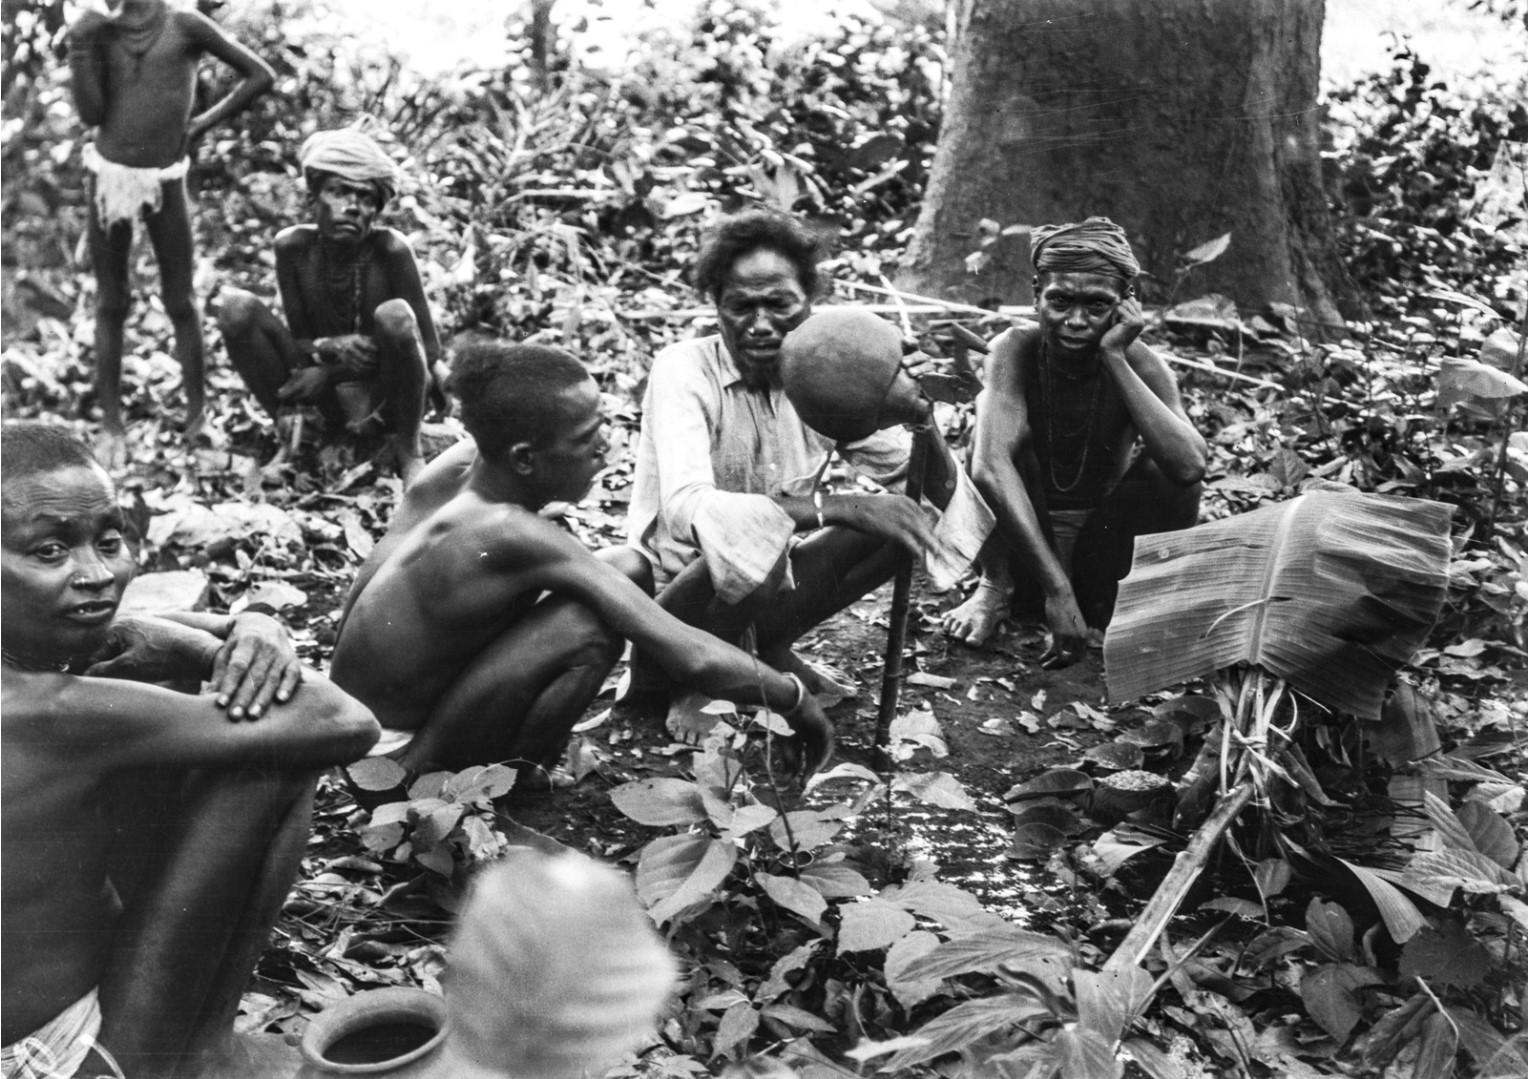 753. Орисса. Группа людей во время церемонии жертвоприношения